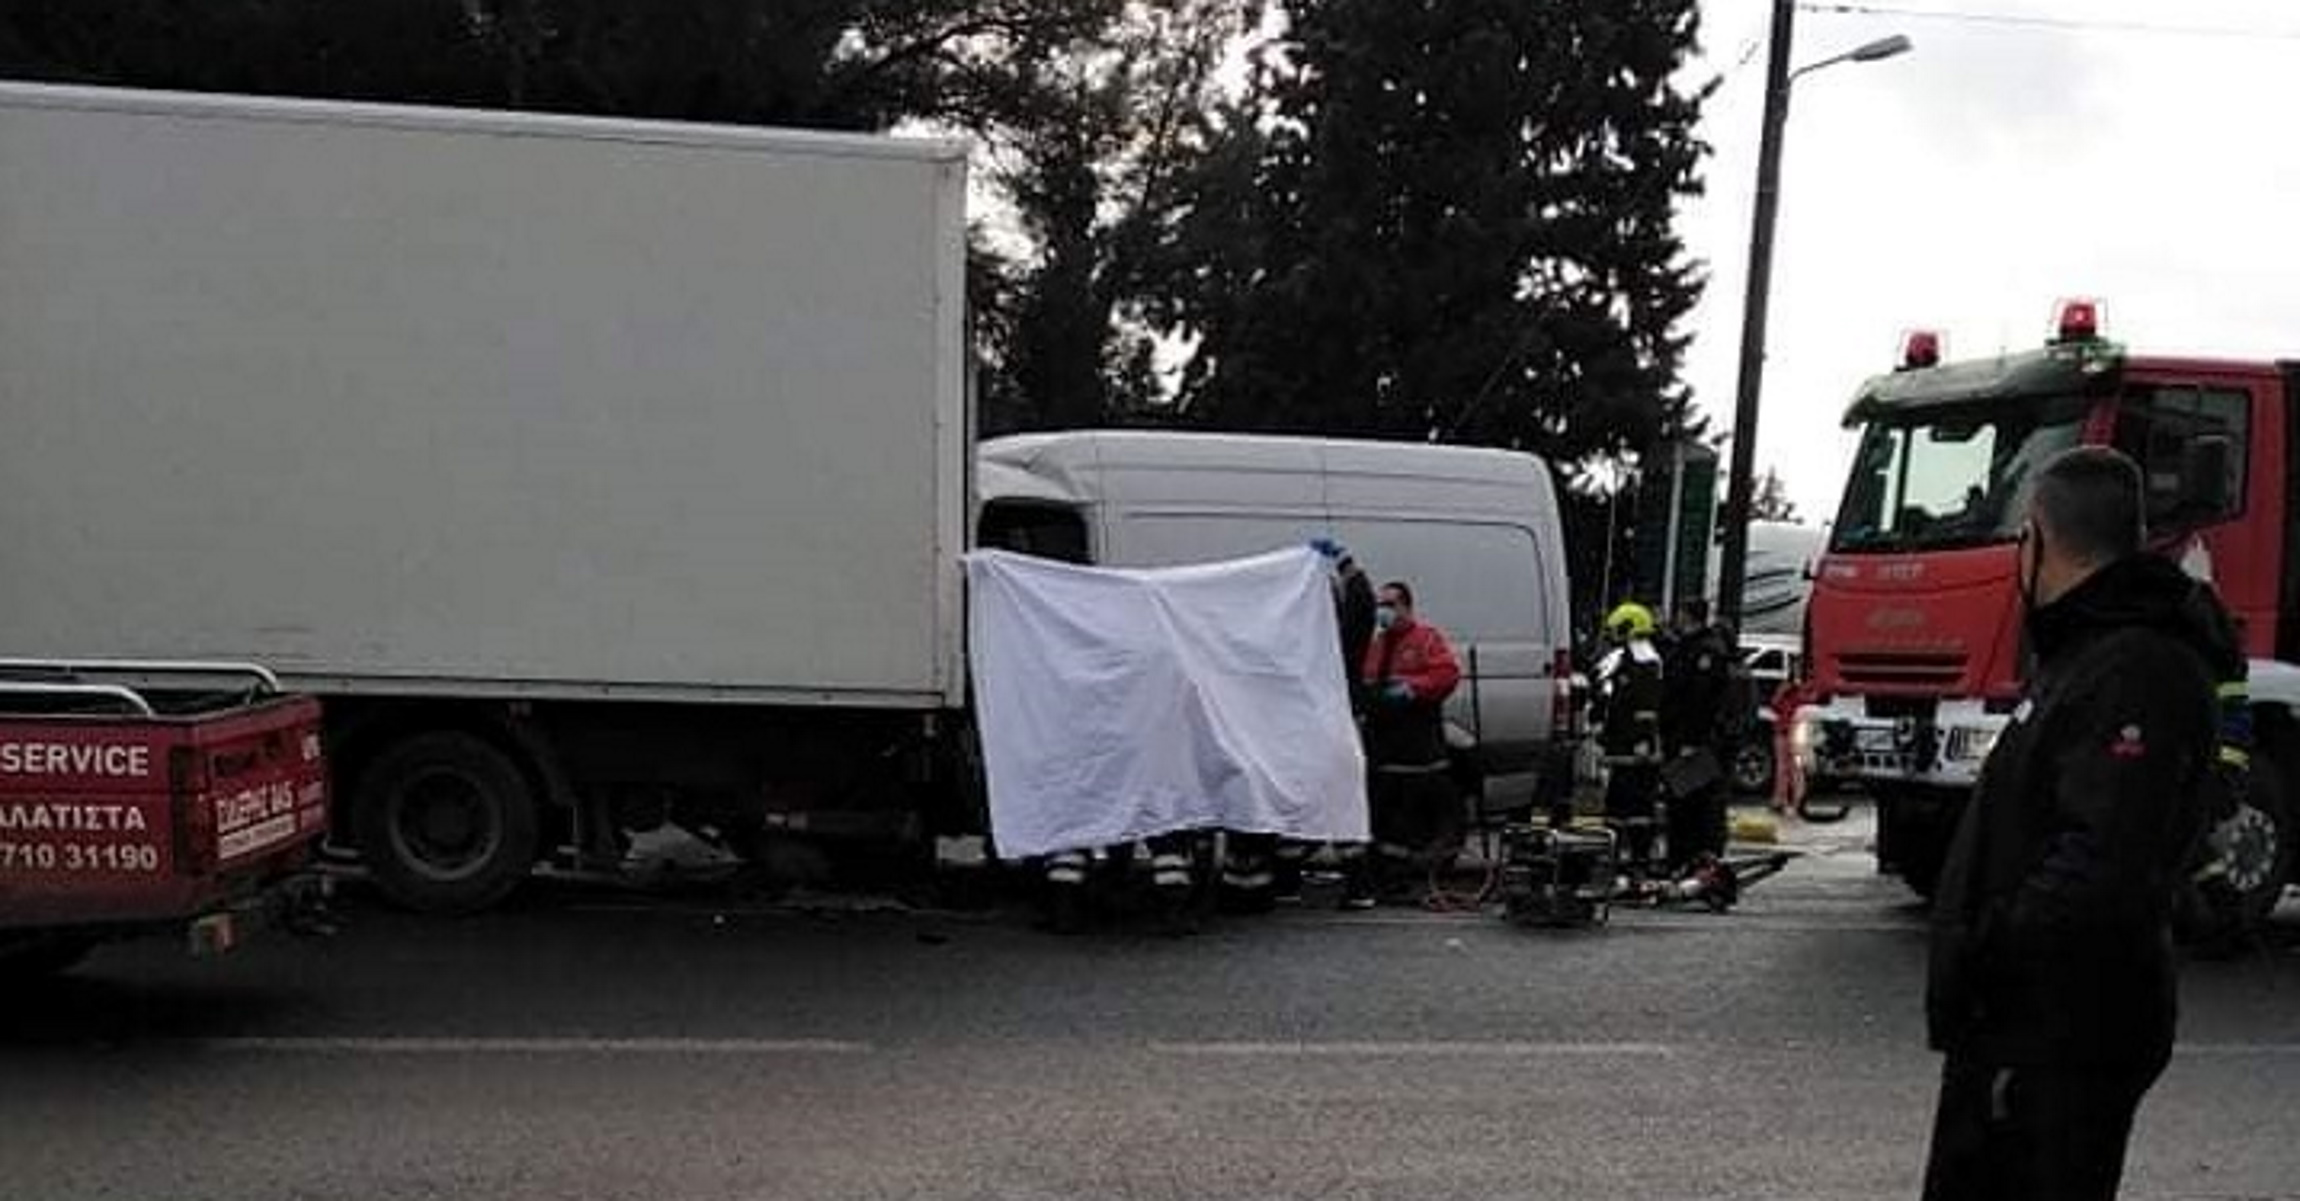 Νεκρός οδηγός αυτοκινήτου στη Νέα Ραιδεστό: Συγκρούστηκε με φορτηγό της αστυνομίας (pics)